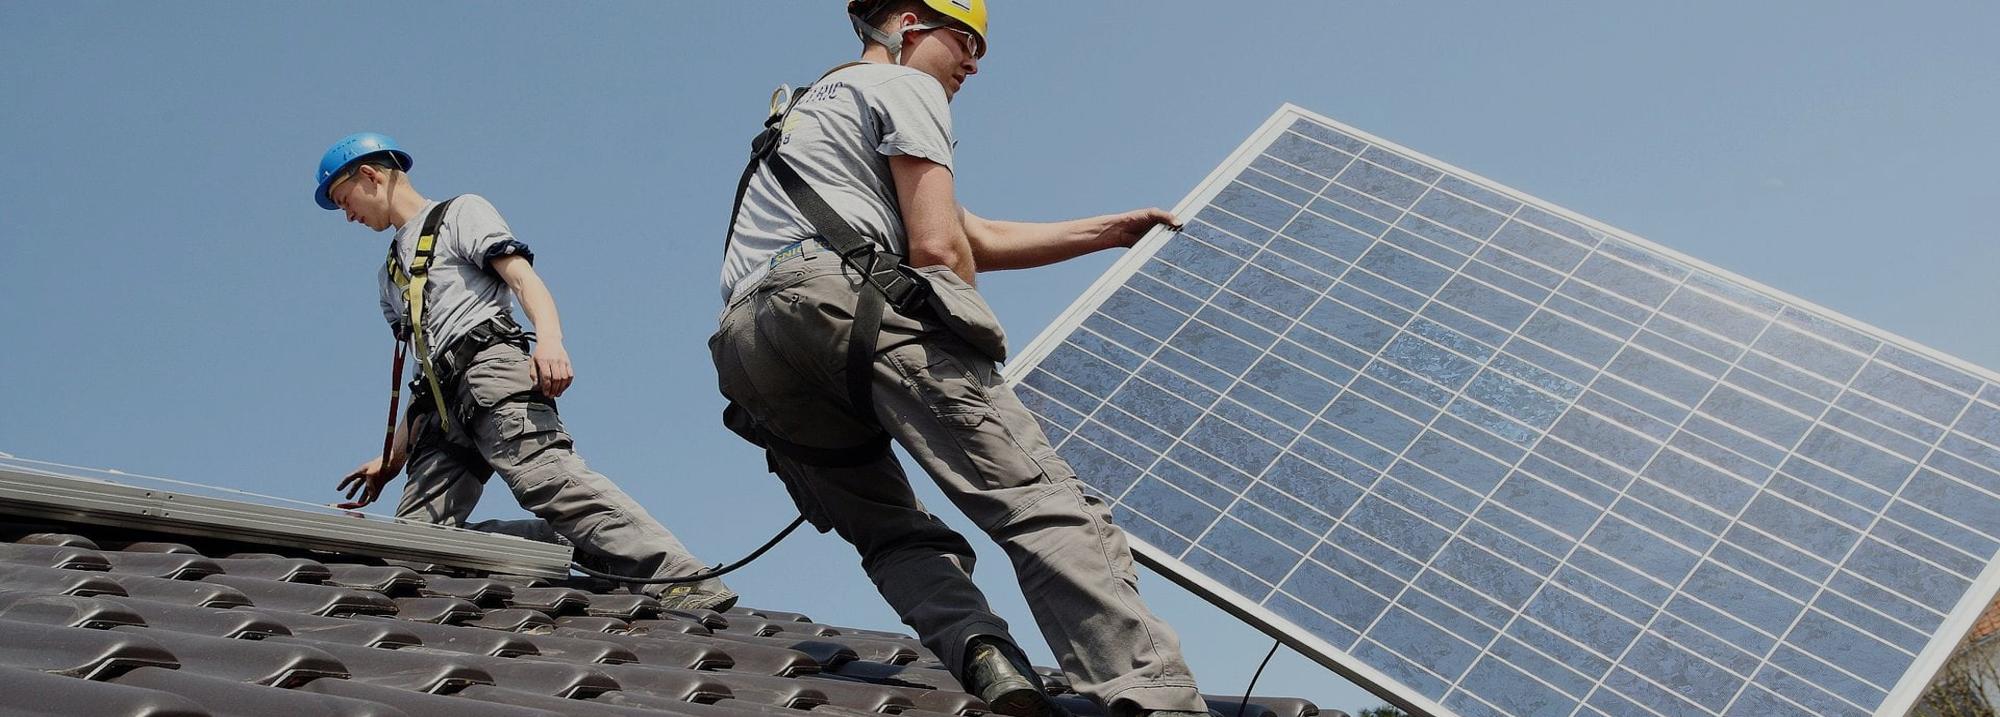 Panneau photovoltaiques